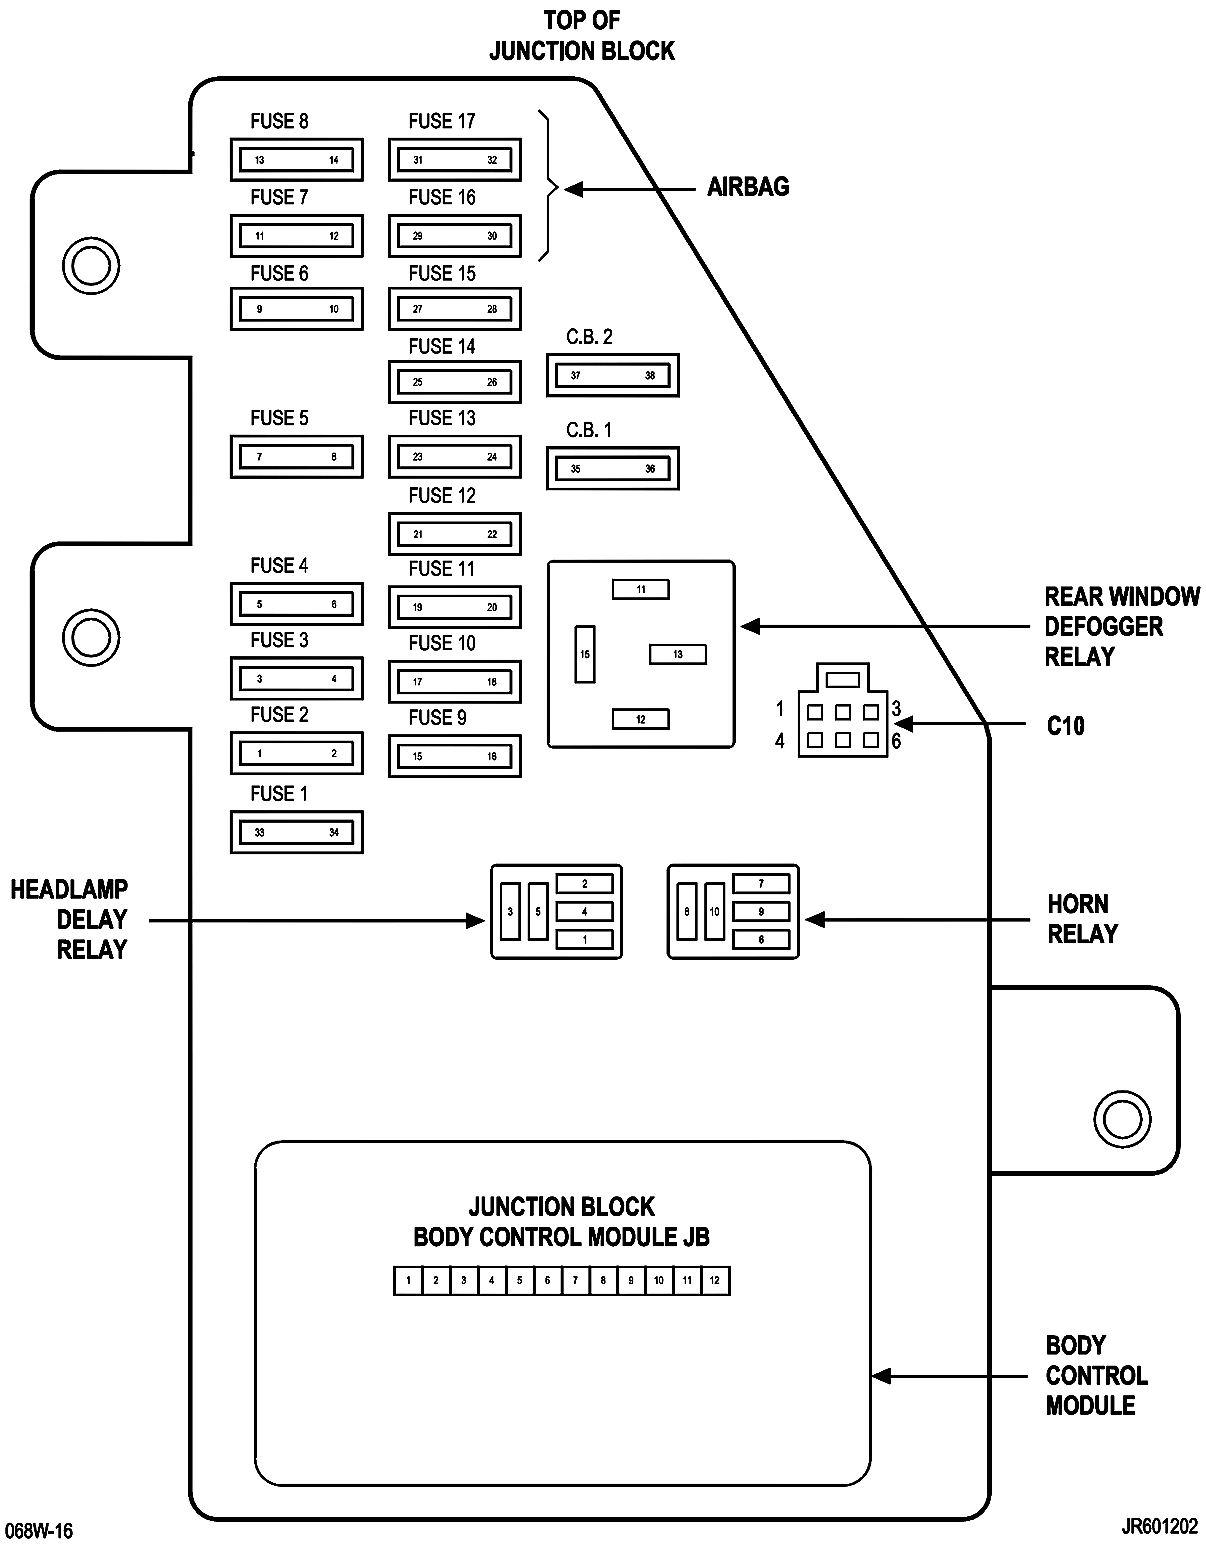 76a58a55-92a3-4161-8315-c8d692c6e5d2_horn relay.jpg